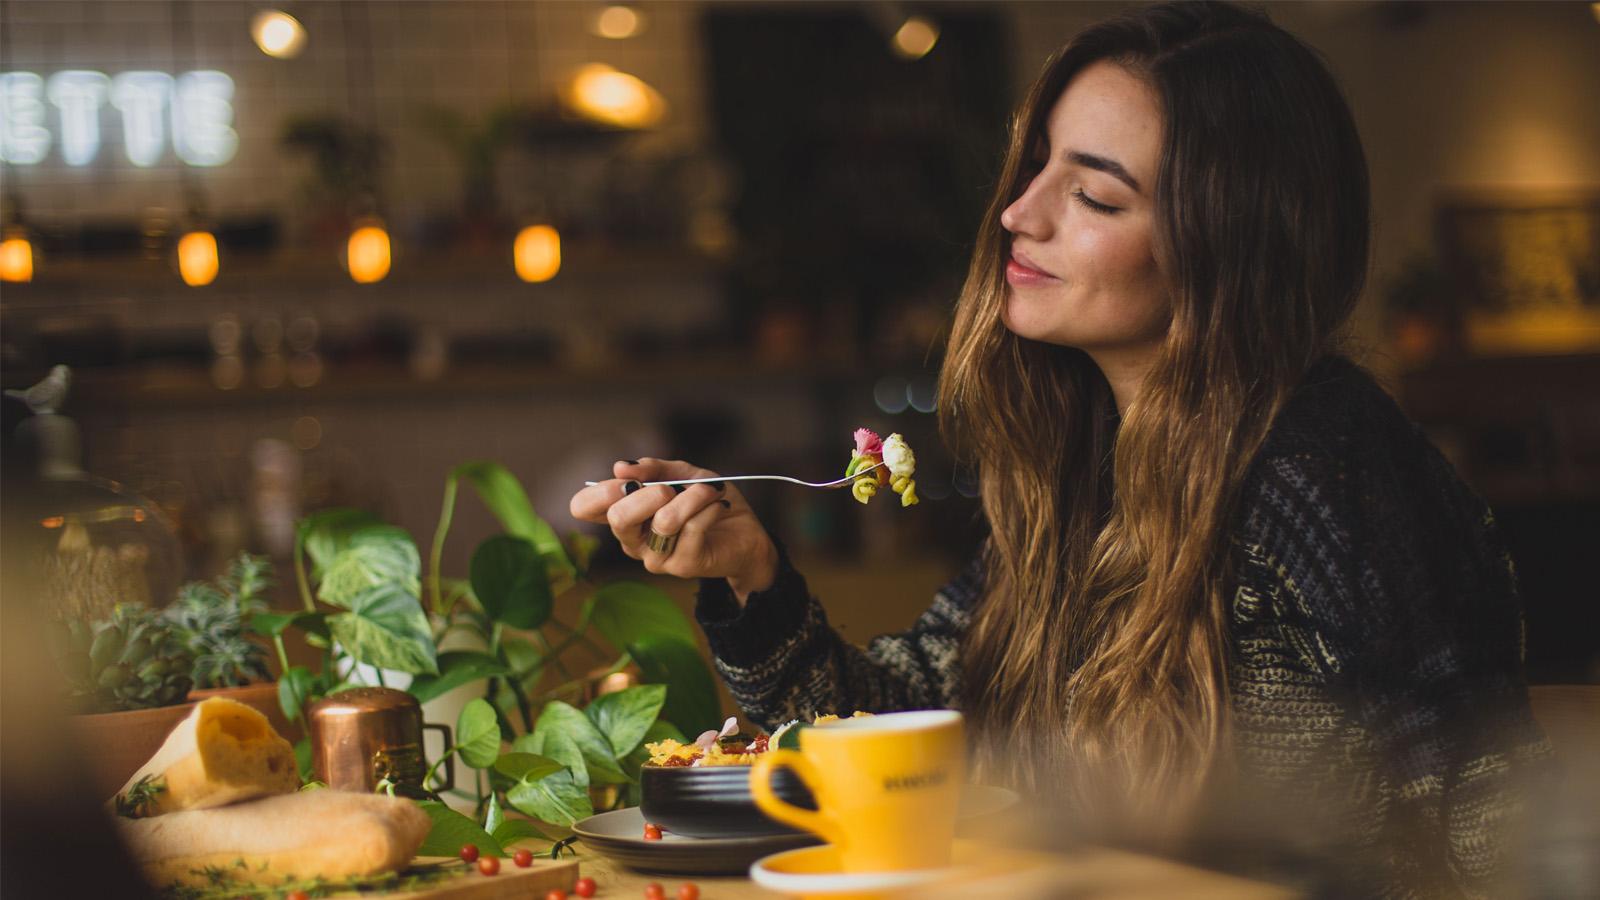 cô gái tận hưởng món ăn ngon